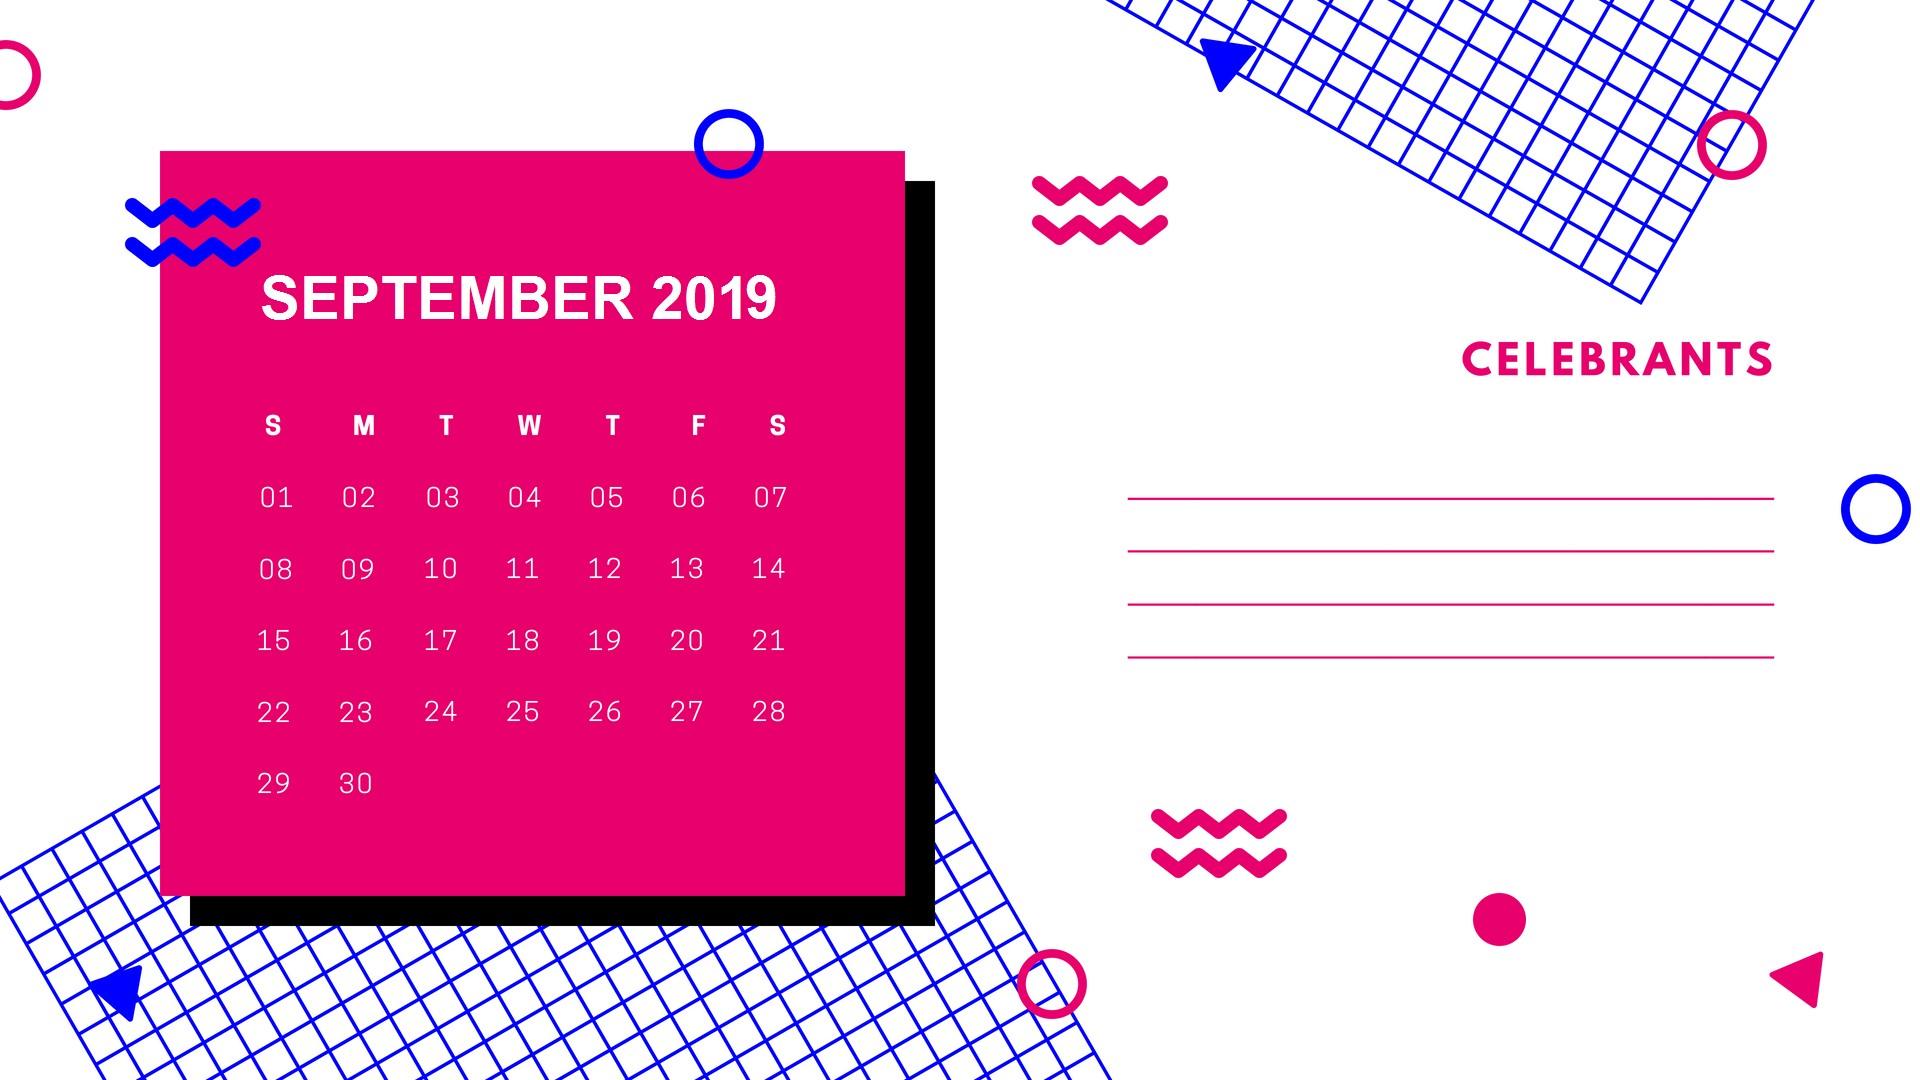 Como Imprimir Calendario 2019 En Word Más Actual Stylish 2019 September Calendar 2019calendar Printablecalendar Of Como Imprimir Calendario 2019 En Word Más Arriba-a-fecha Observar Calendario Para Imprimir 2019 Pdf